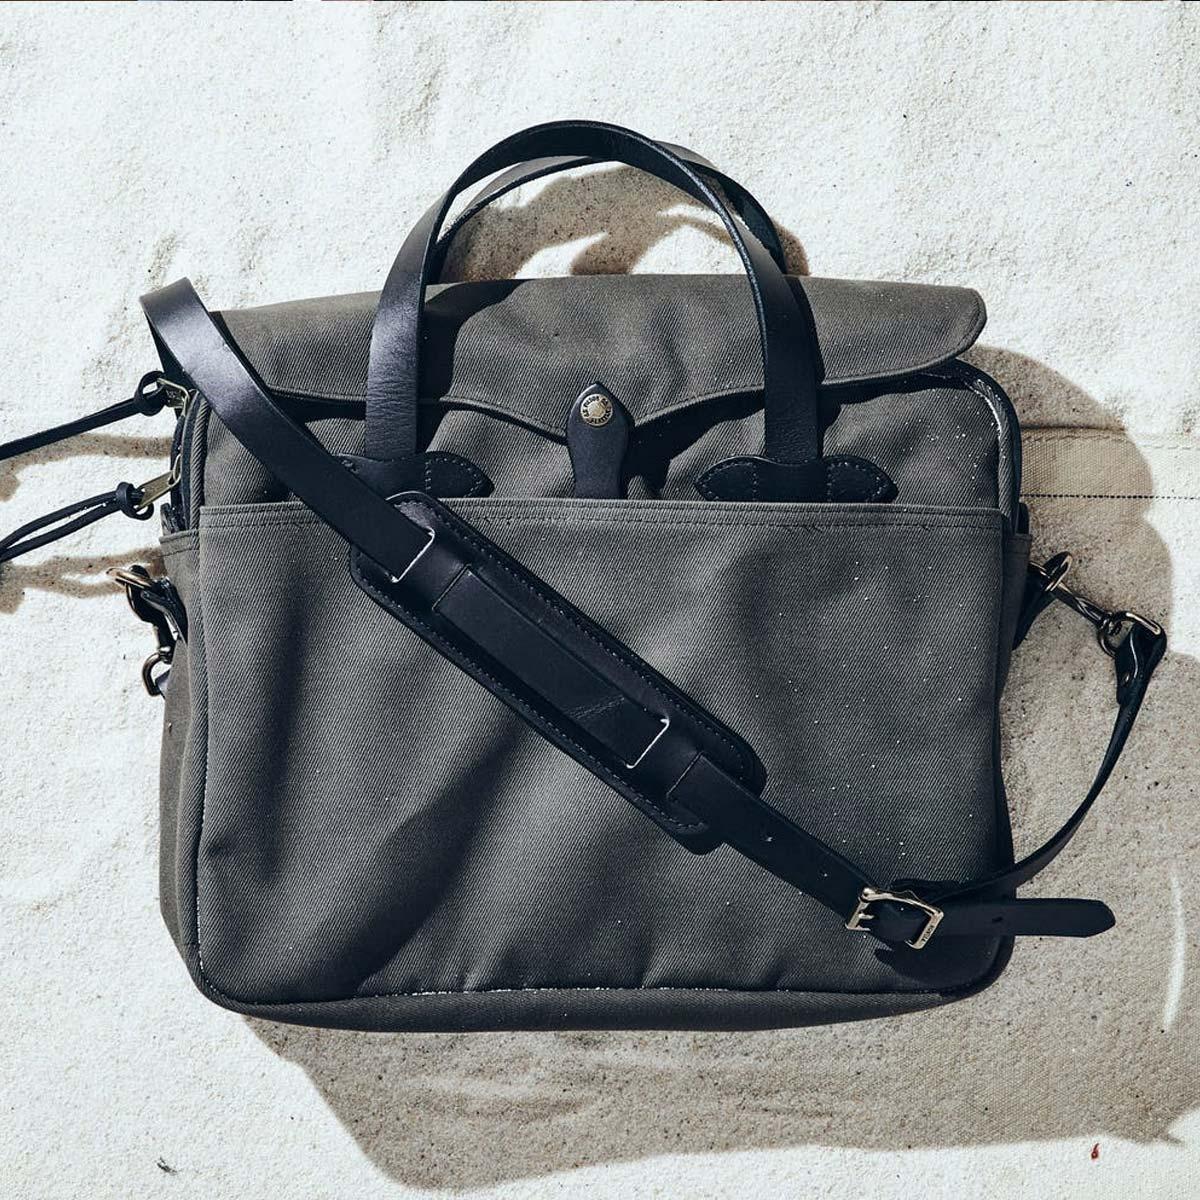 Filson Original Briefcase 11070256 Cinder, lifestyle